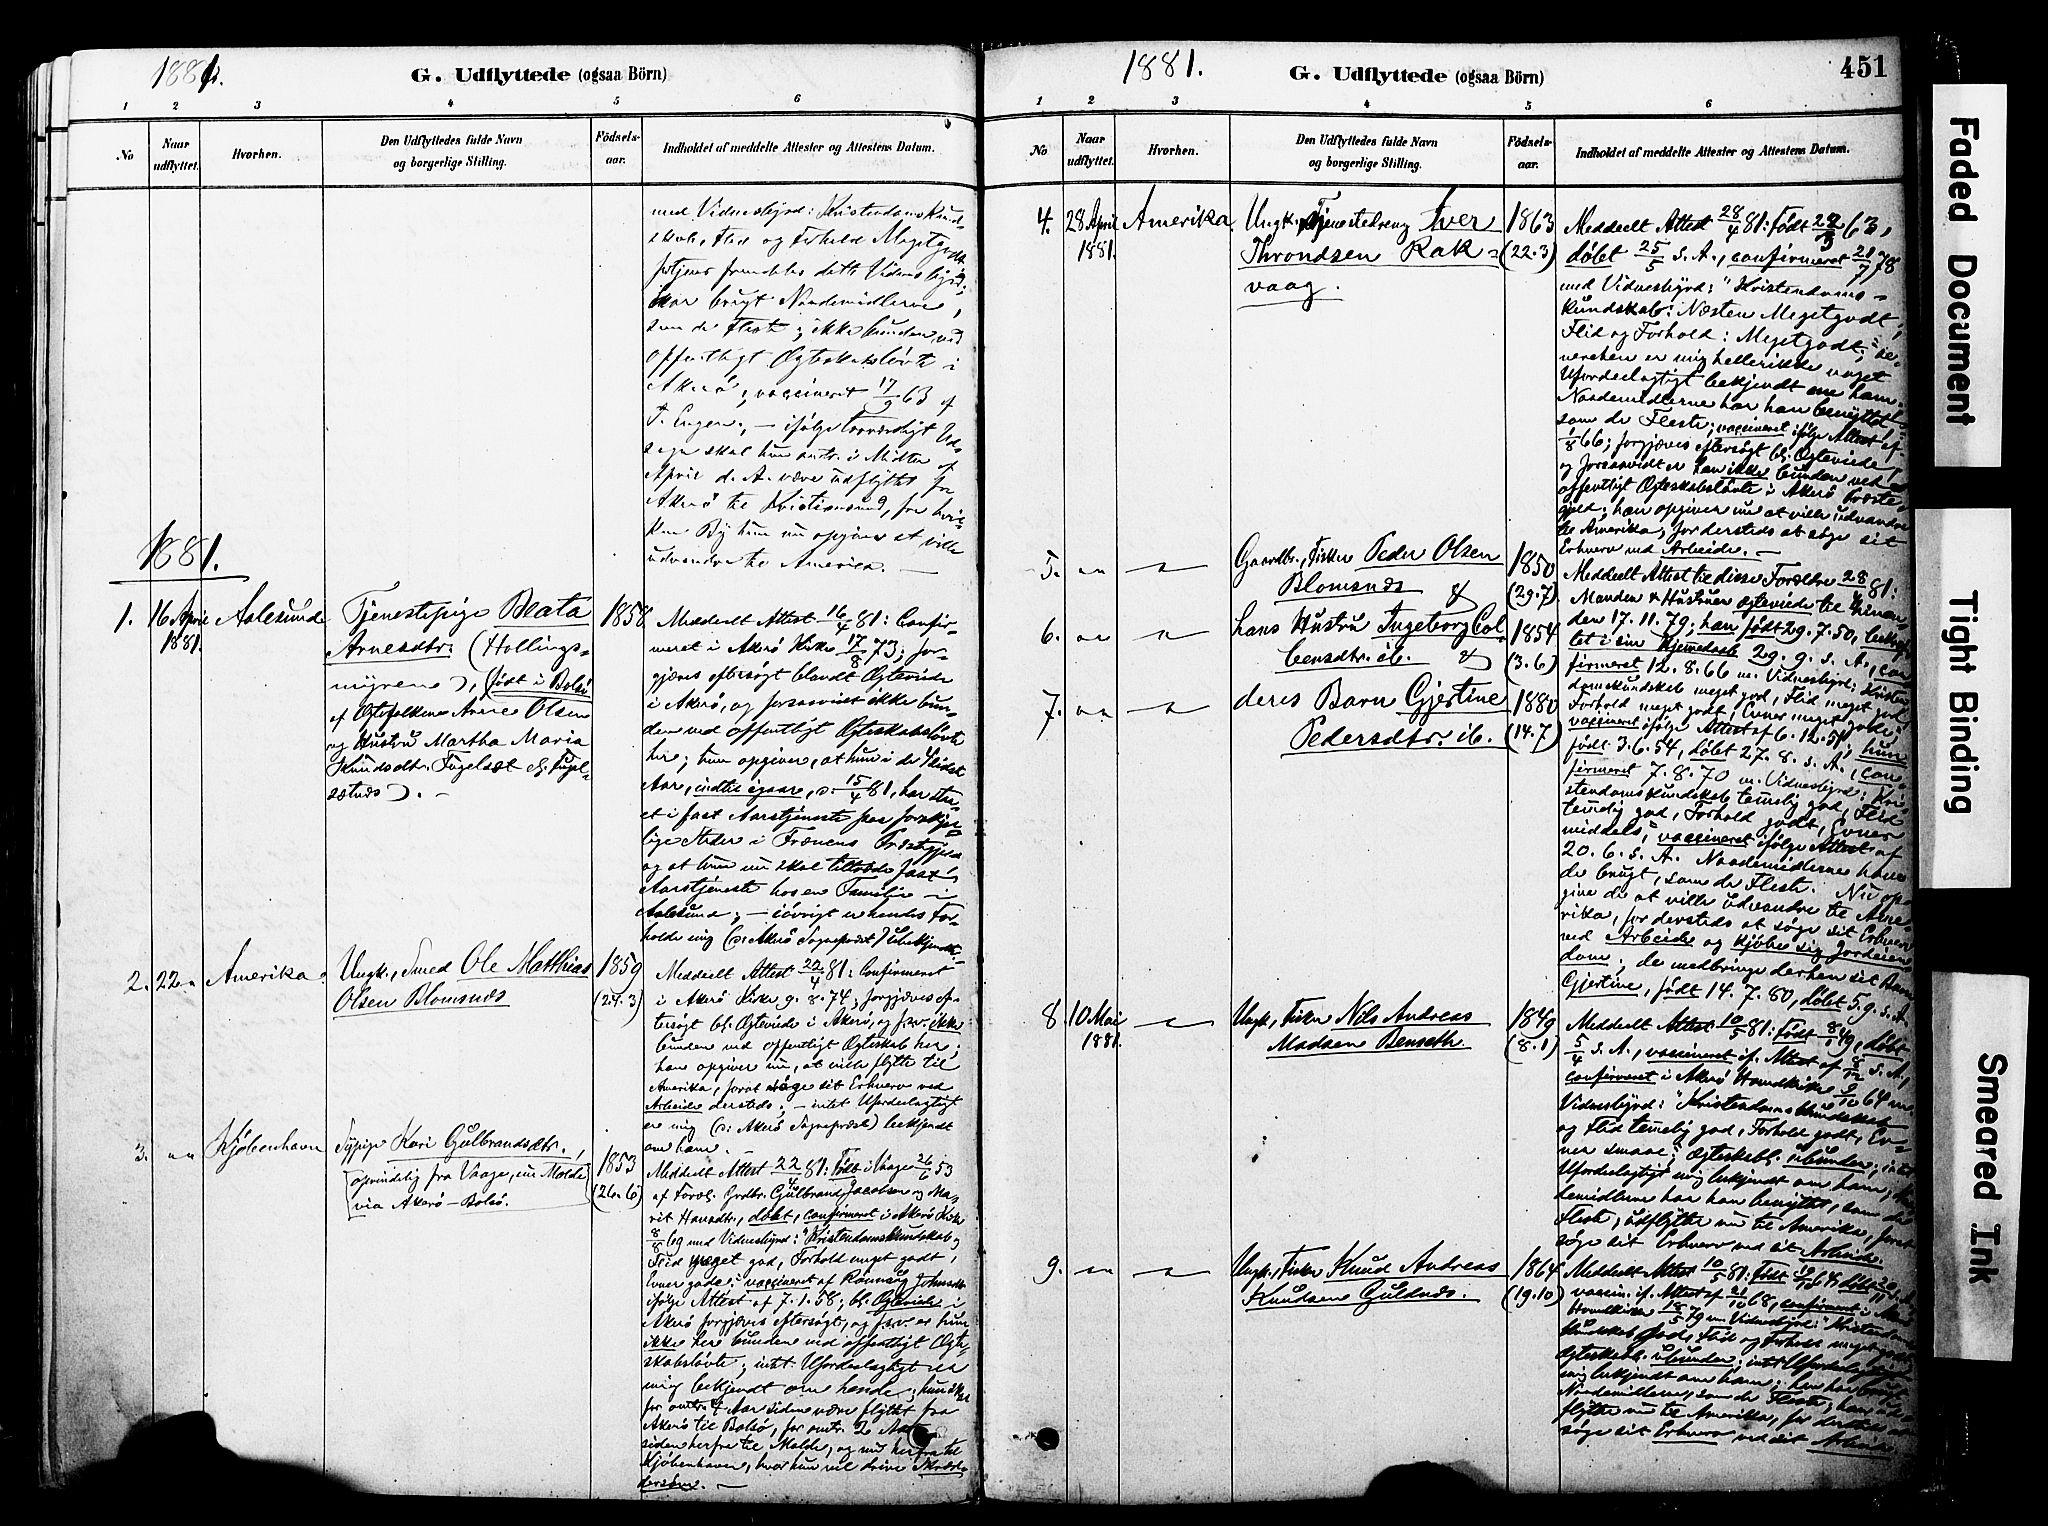 SAT, Ministerialprotokoller, klokkerbøker og fødselsregistre - Møre og Romsdal, 560/L0721: Ministerialbok nr. 560A05, 1878-1917, s. 451